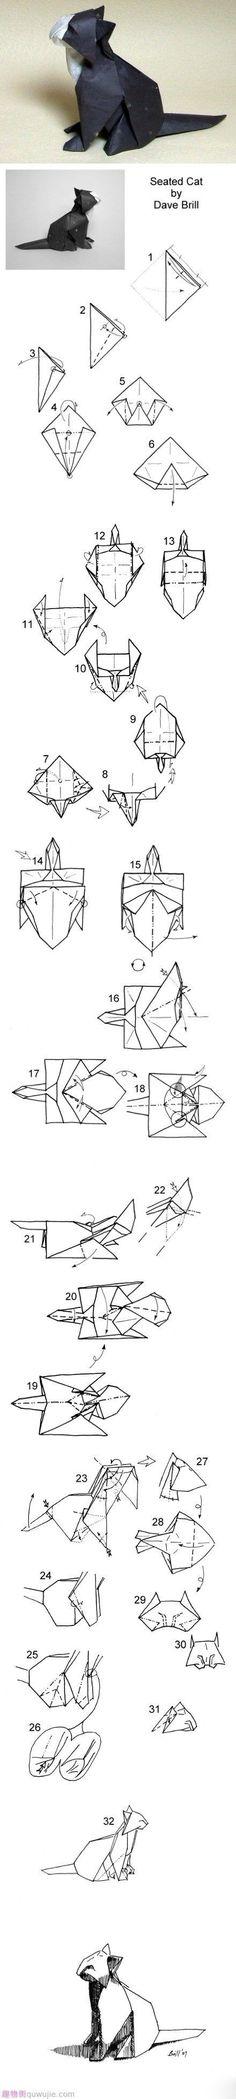 Origami Seated Cat: